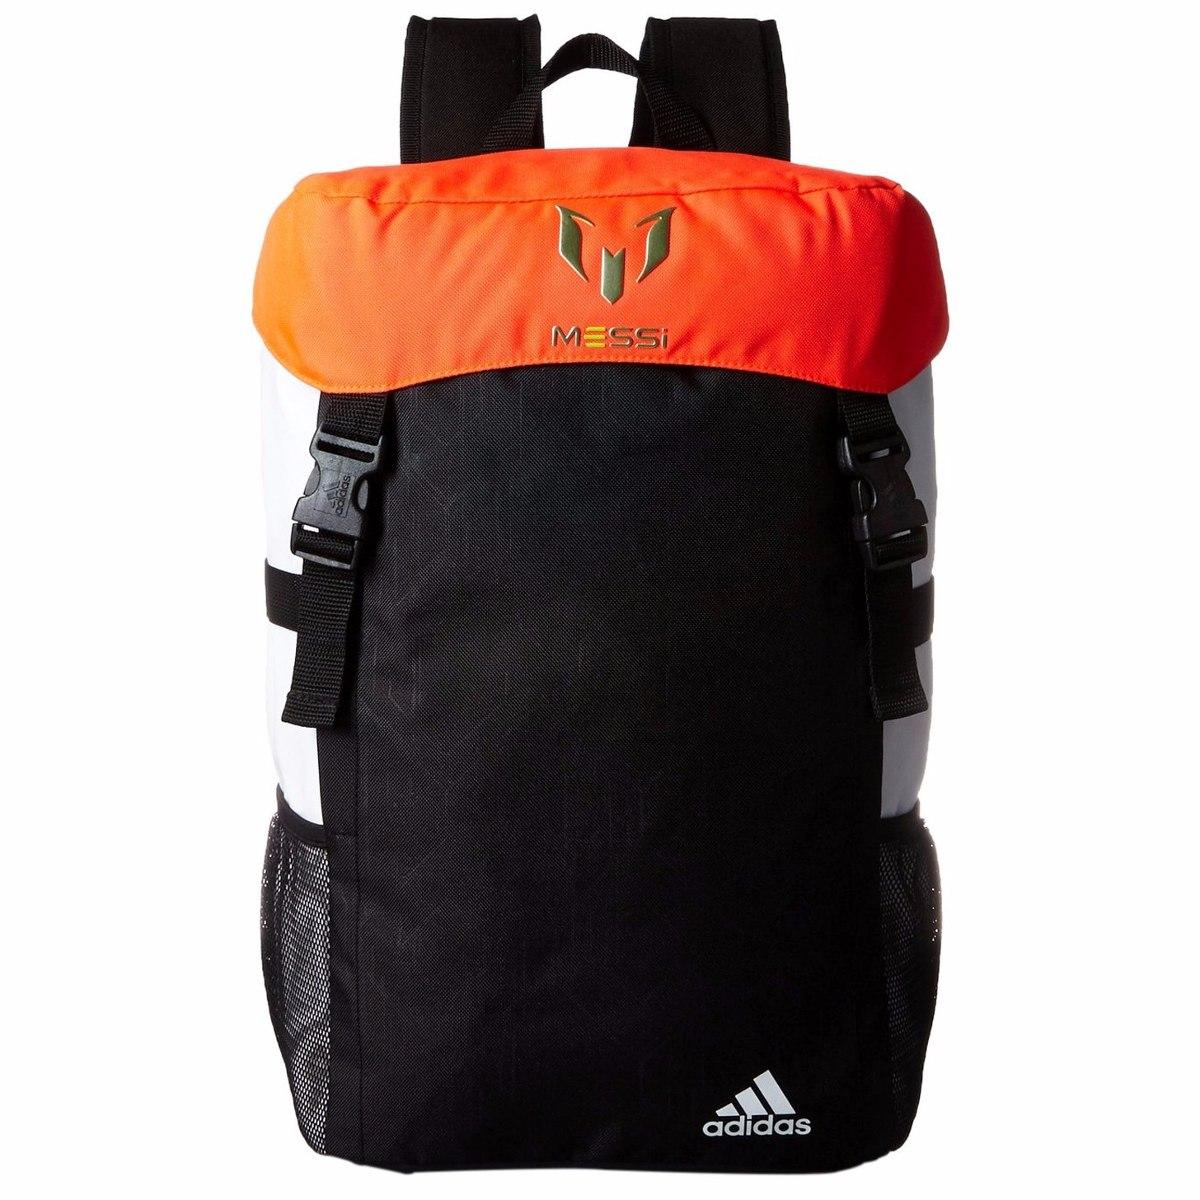 cliente primero Tener cuidado de material seleccionado Mochila De Futbol Messi Training adidas Ai3736 - $ 499.00 en ...